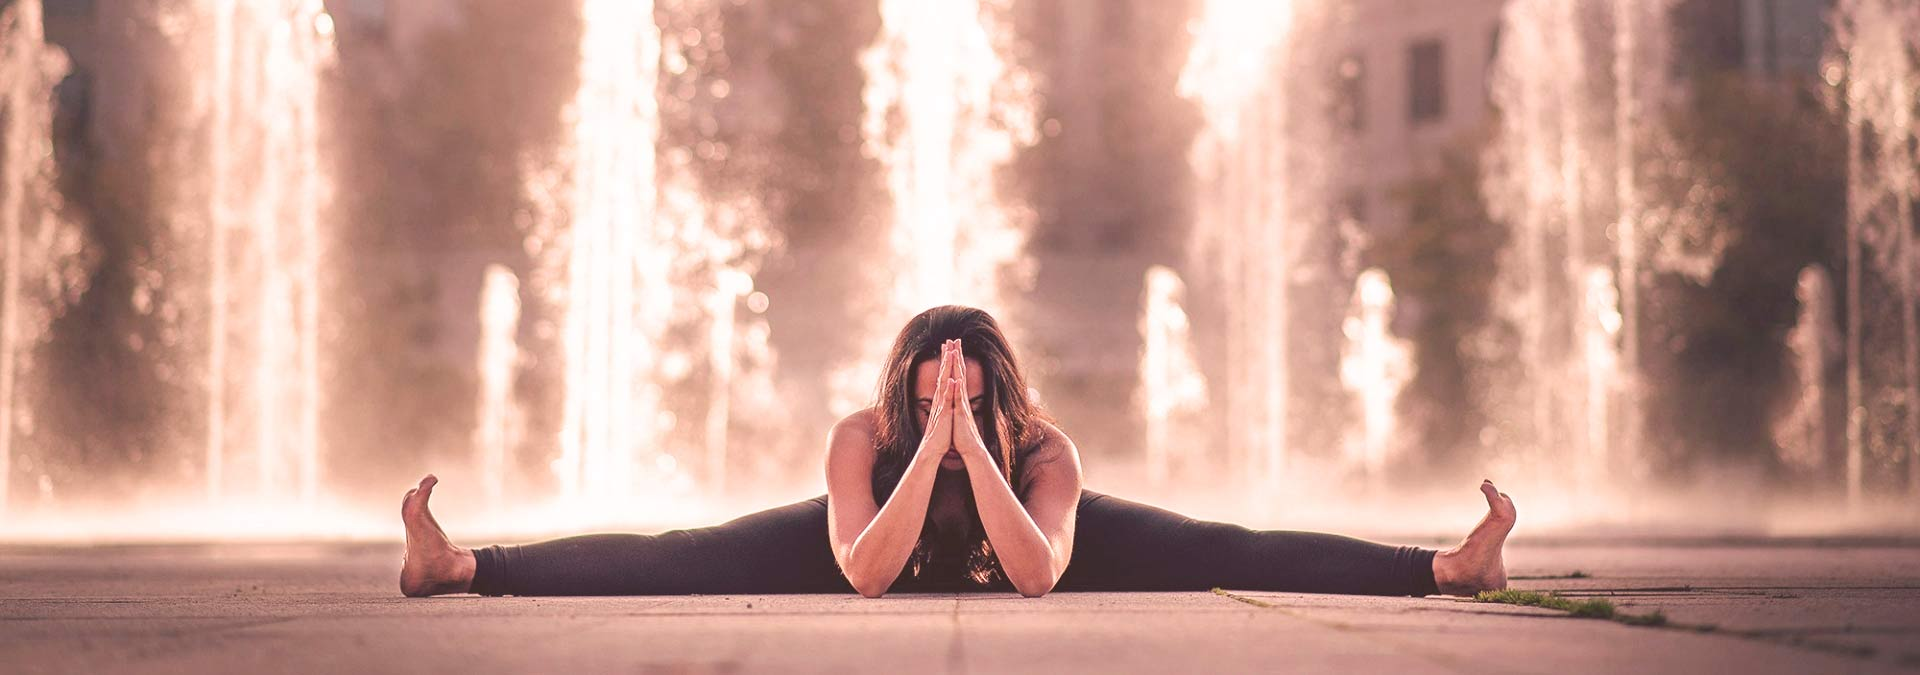 Spreuken over Yoga en mindfulness inzichten - ontdek de yoga quotes van ingspire.nl